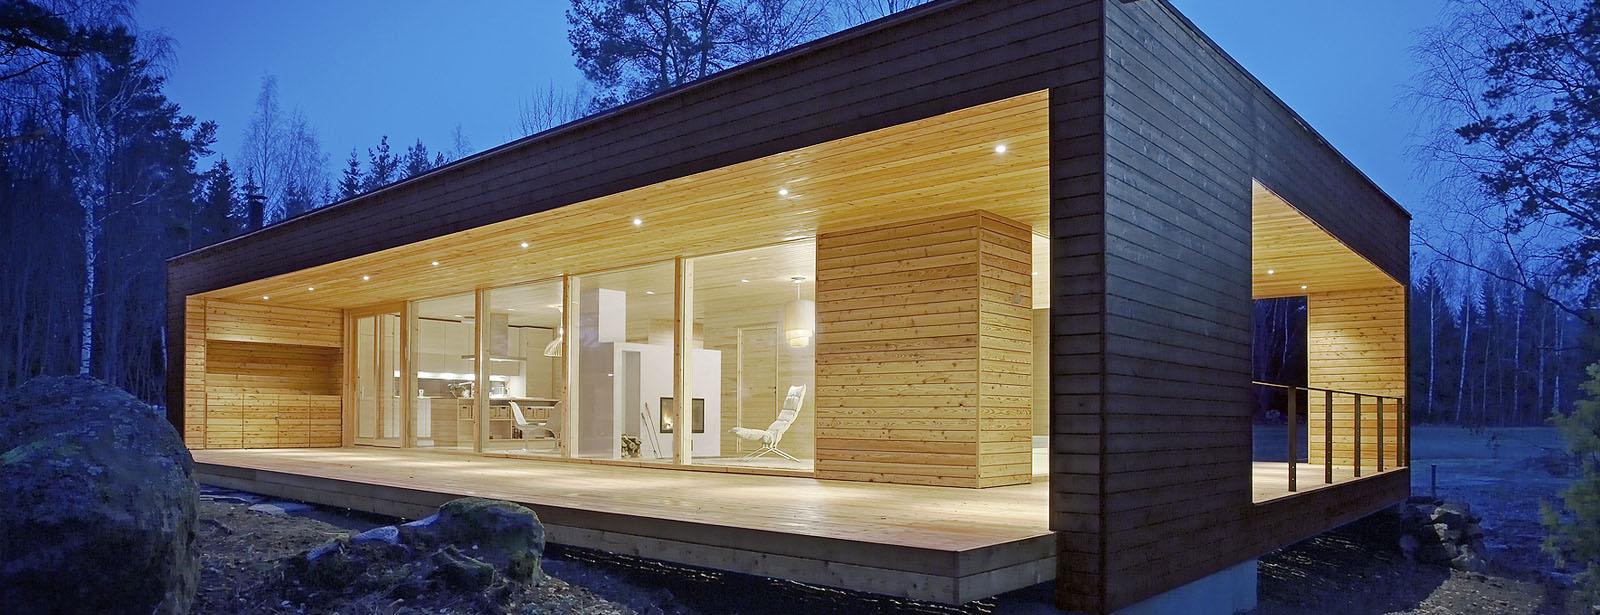 Moderne t mmerhus og trehus polar life haus - Casa prefabricada moderna ...